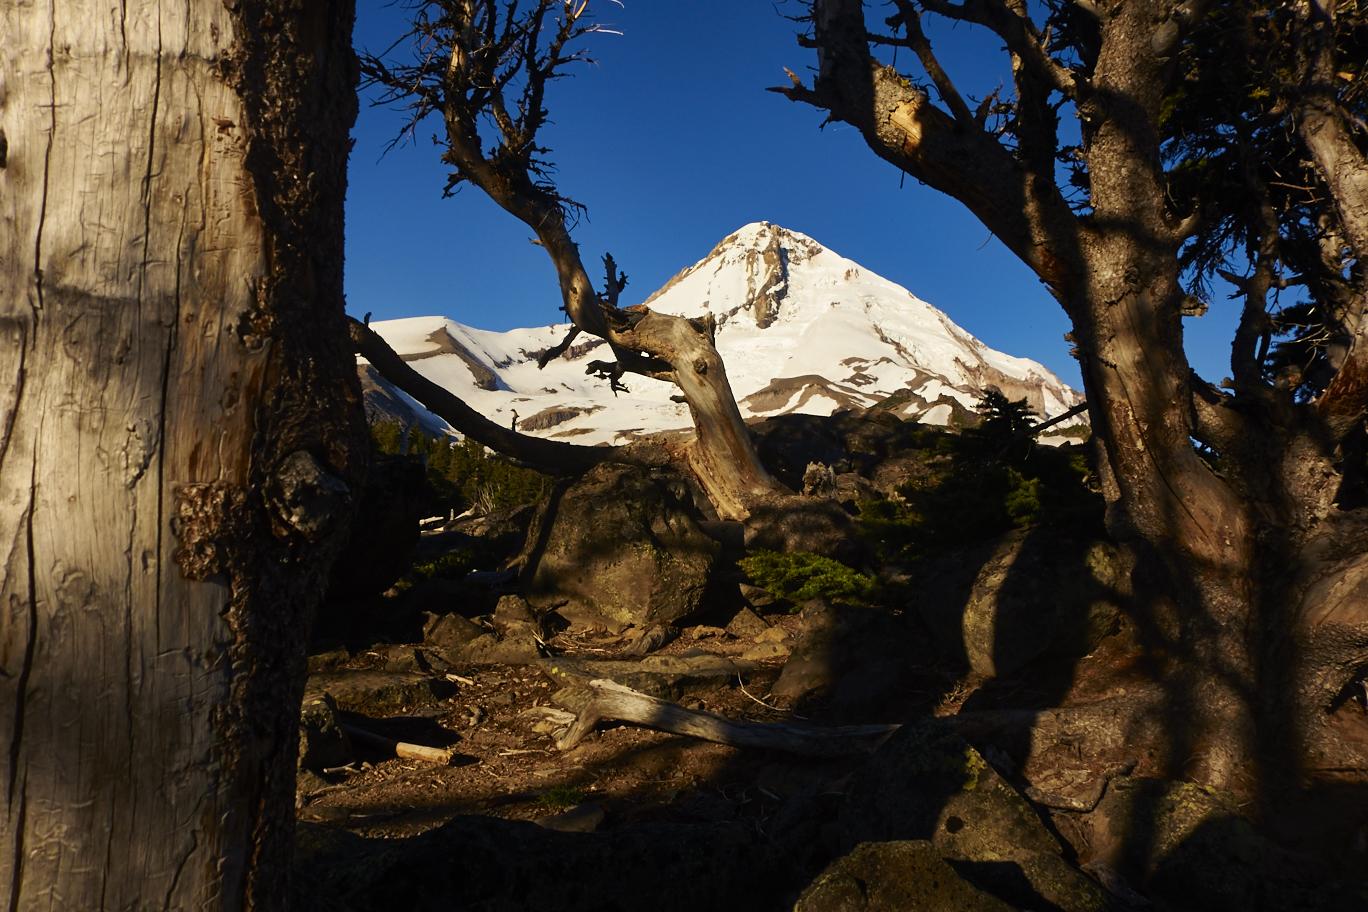 Mount Hood from Cloud Cap